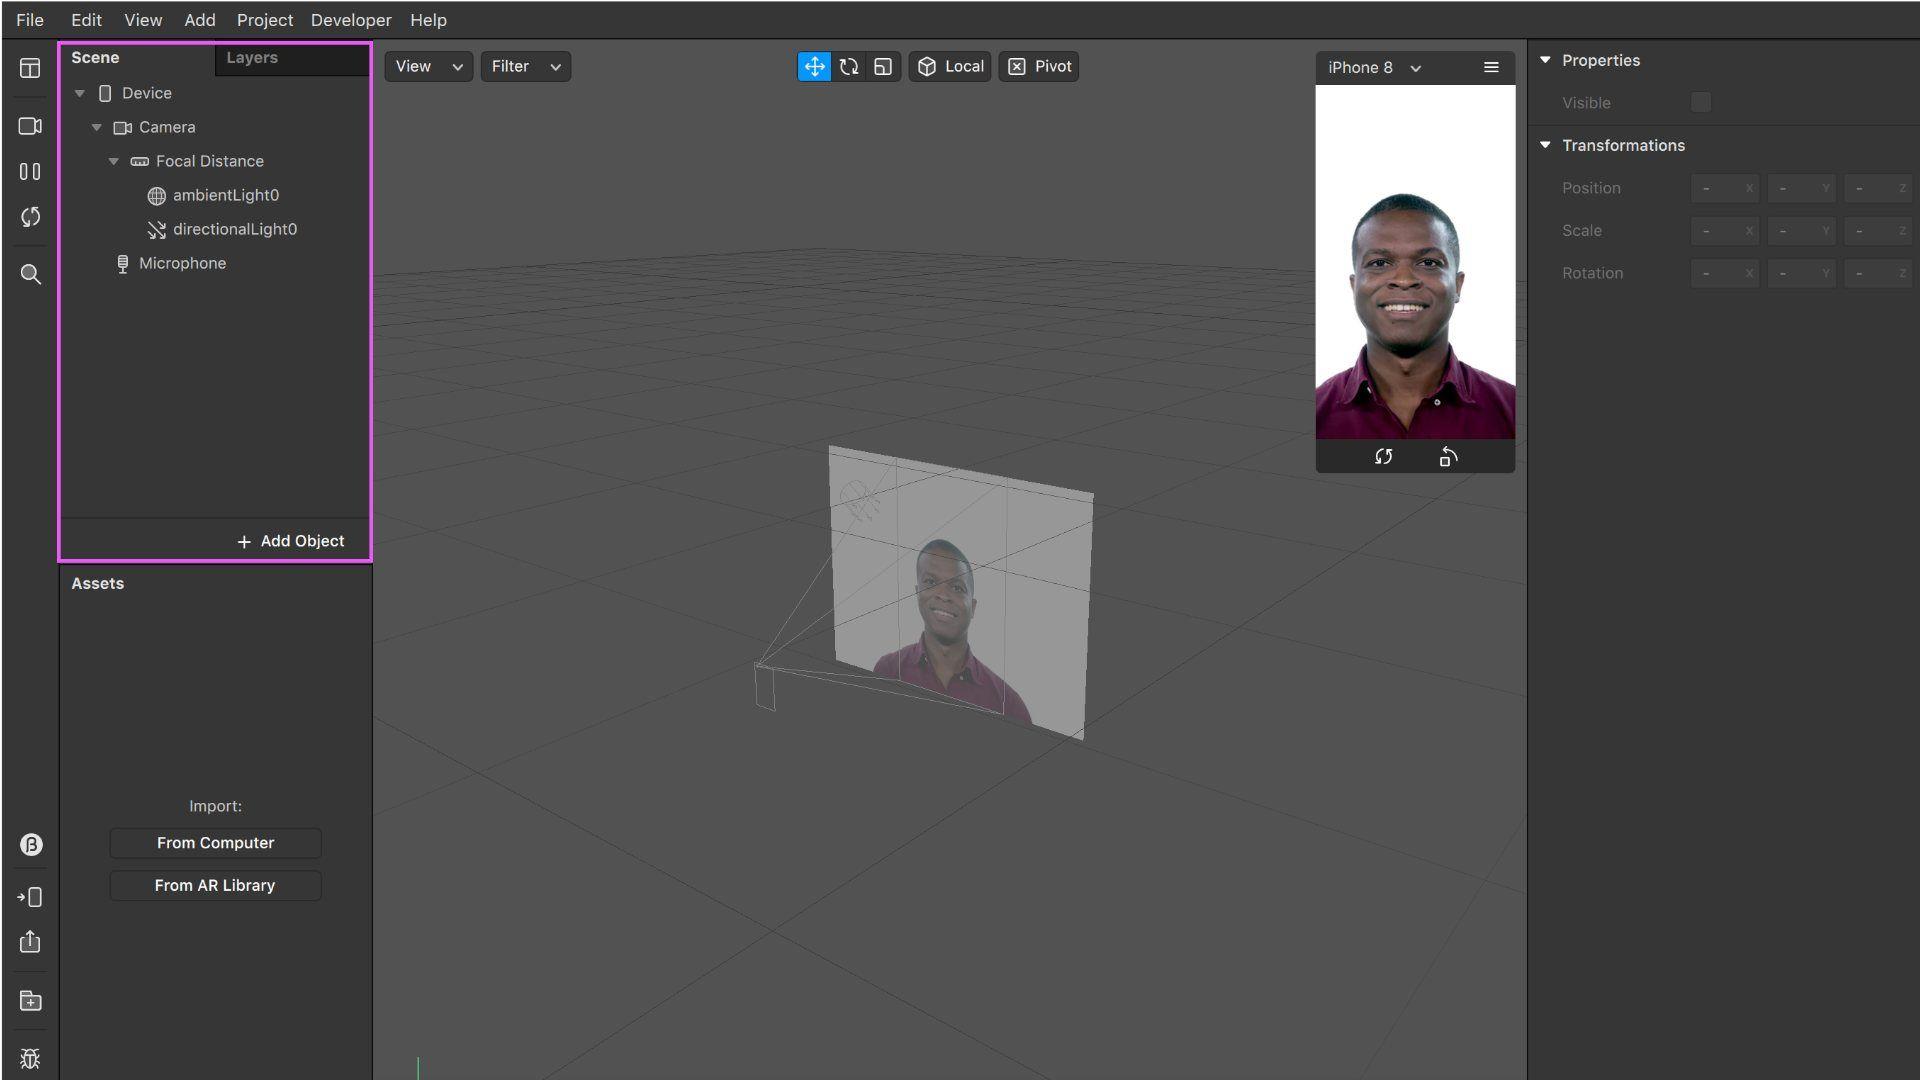 Tela de exemplo do software Spark AR Studio de criação de filtro do Instagram